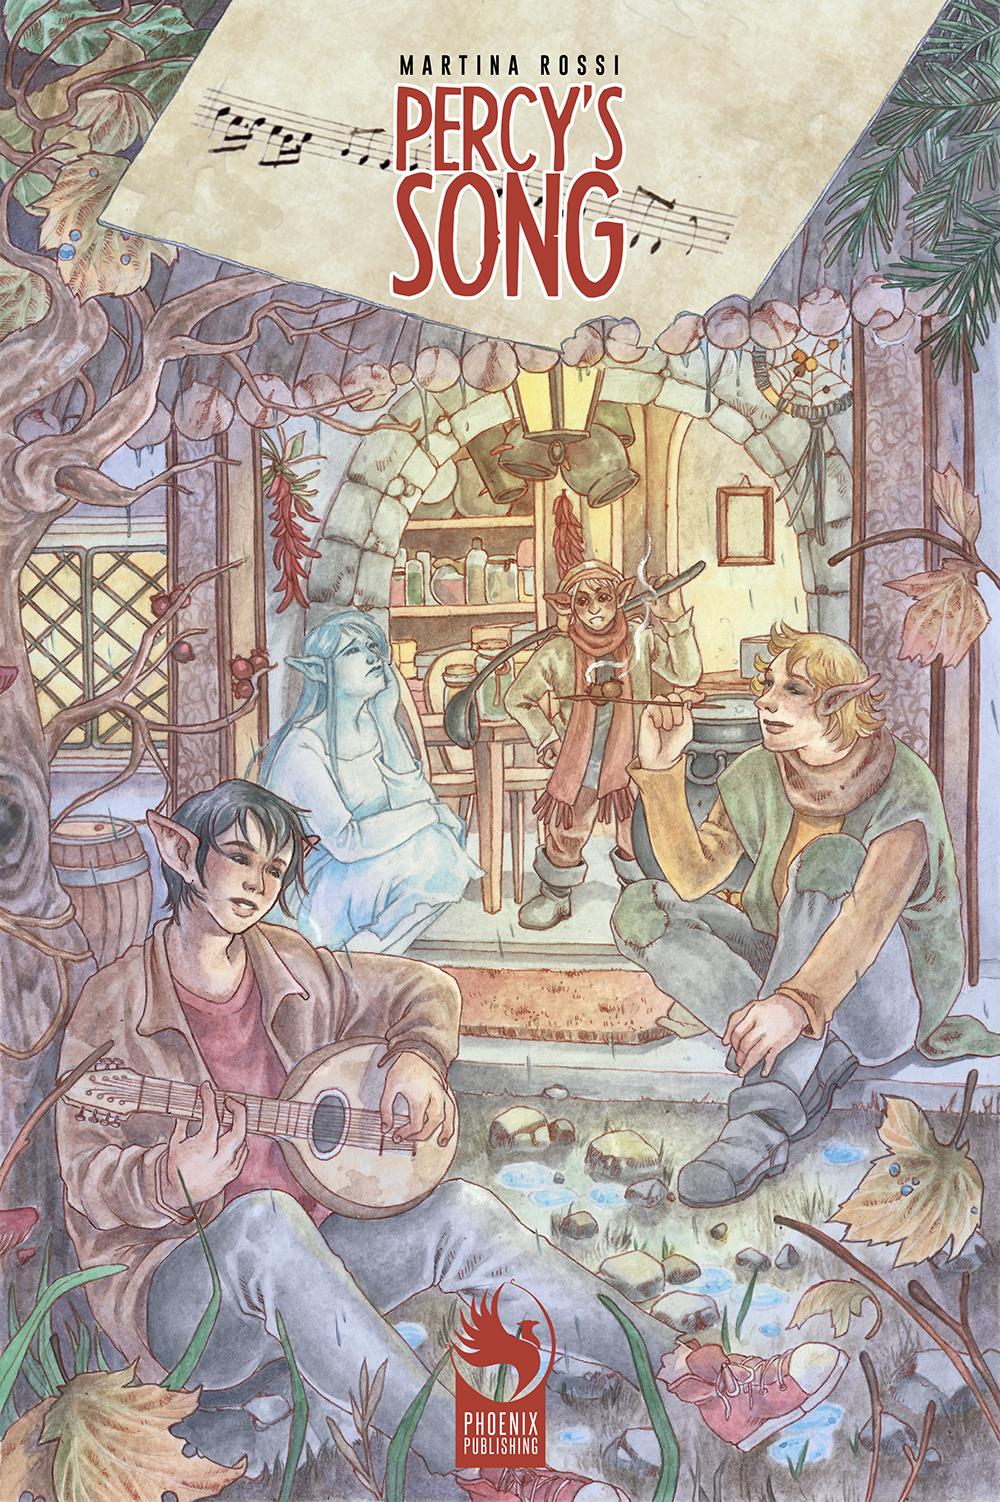 Percy's song il graphic novel di Martina Rossi, edizioni Phoenix Publishing, viene presentato a Roma